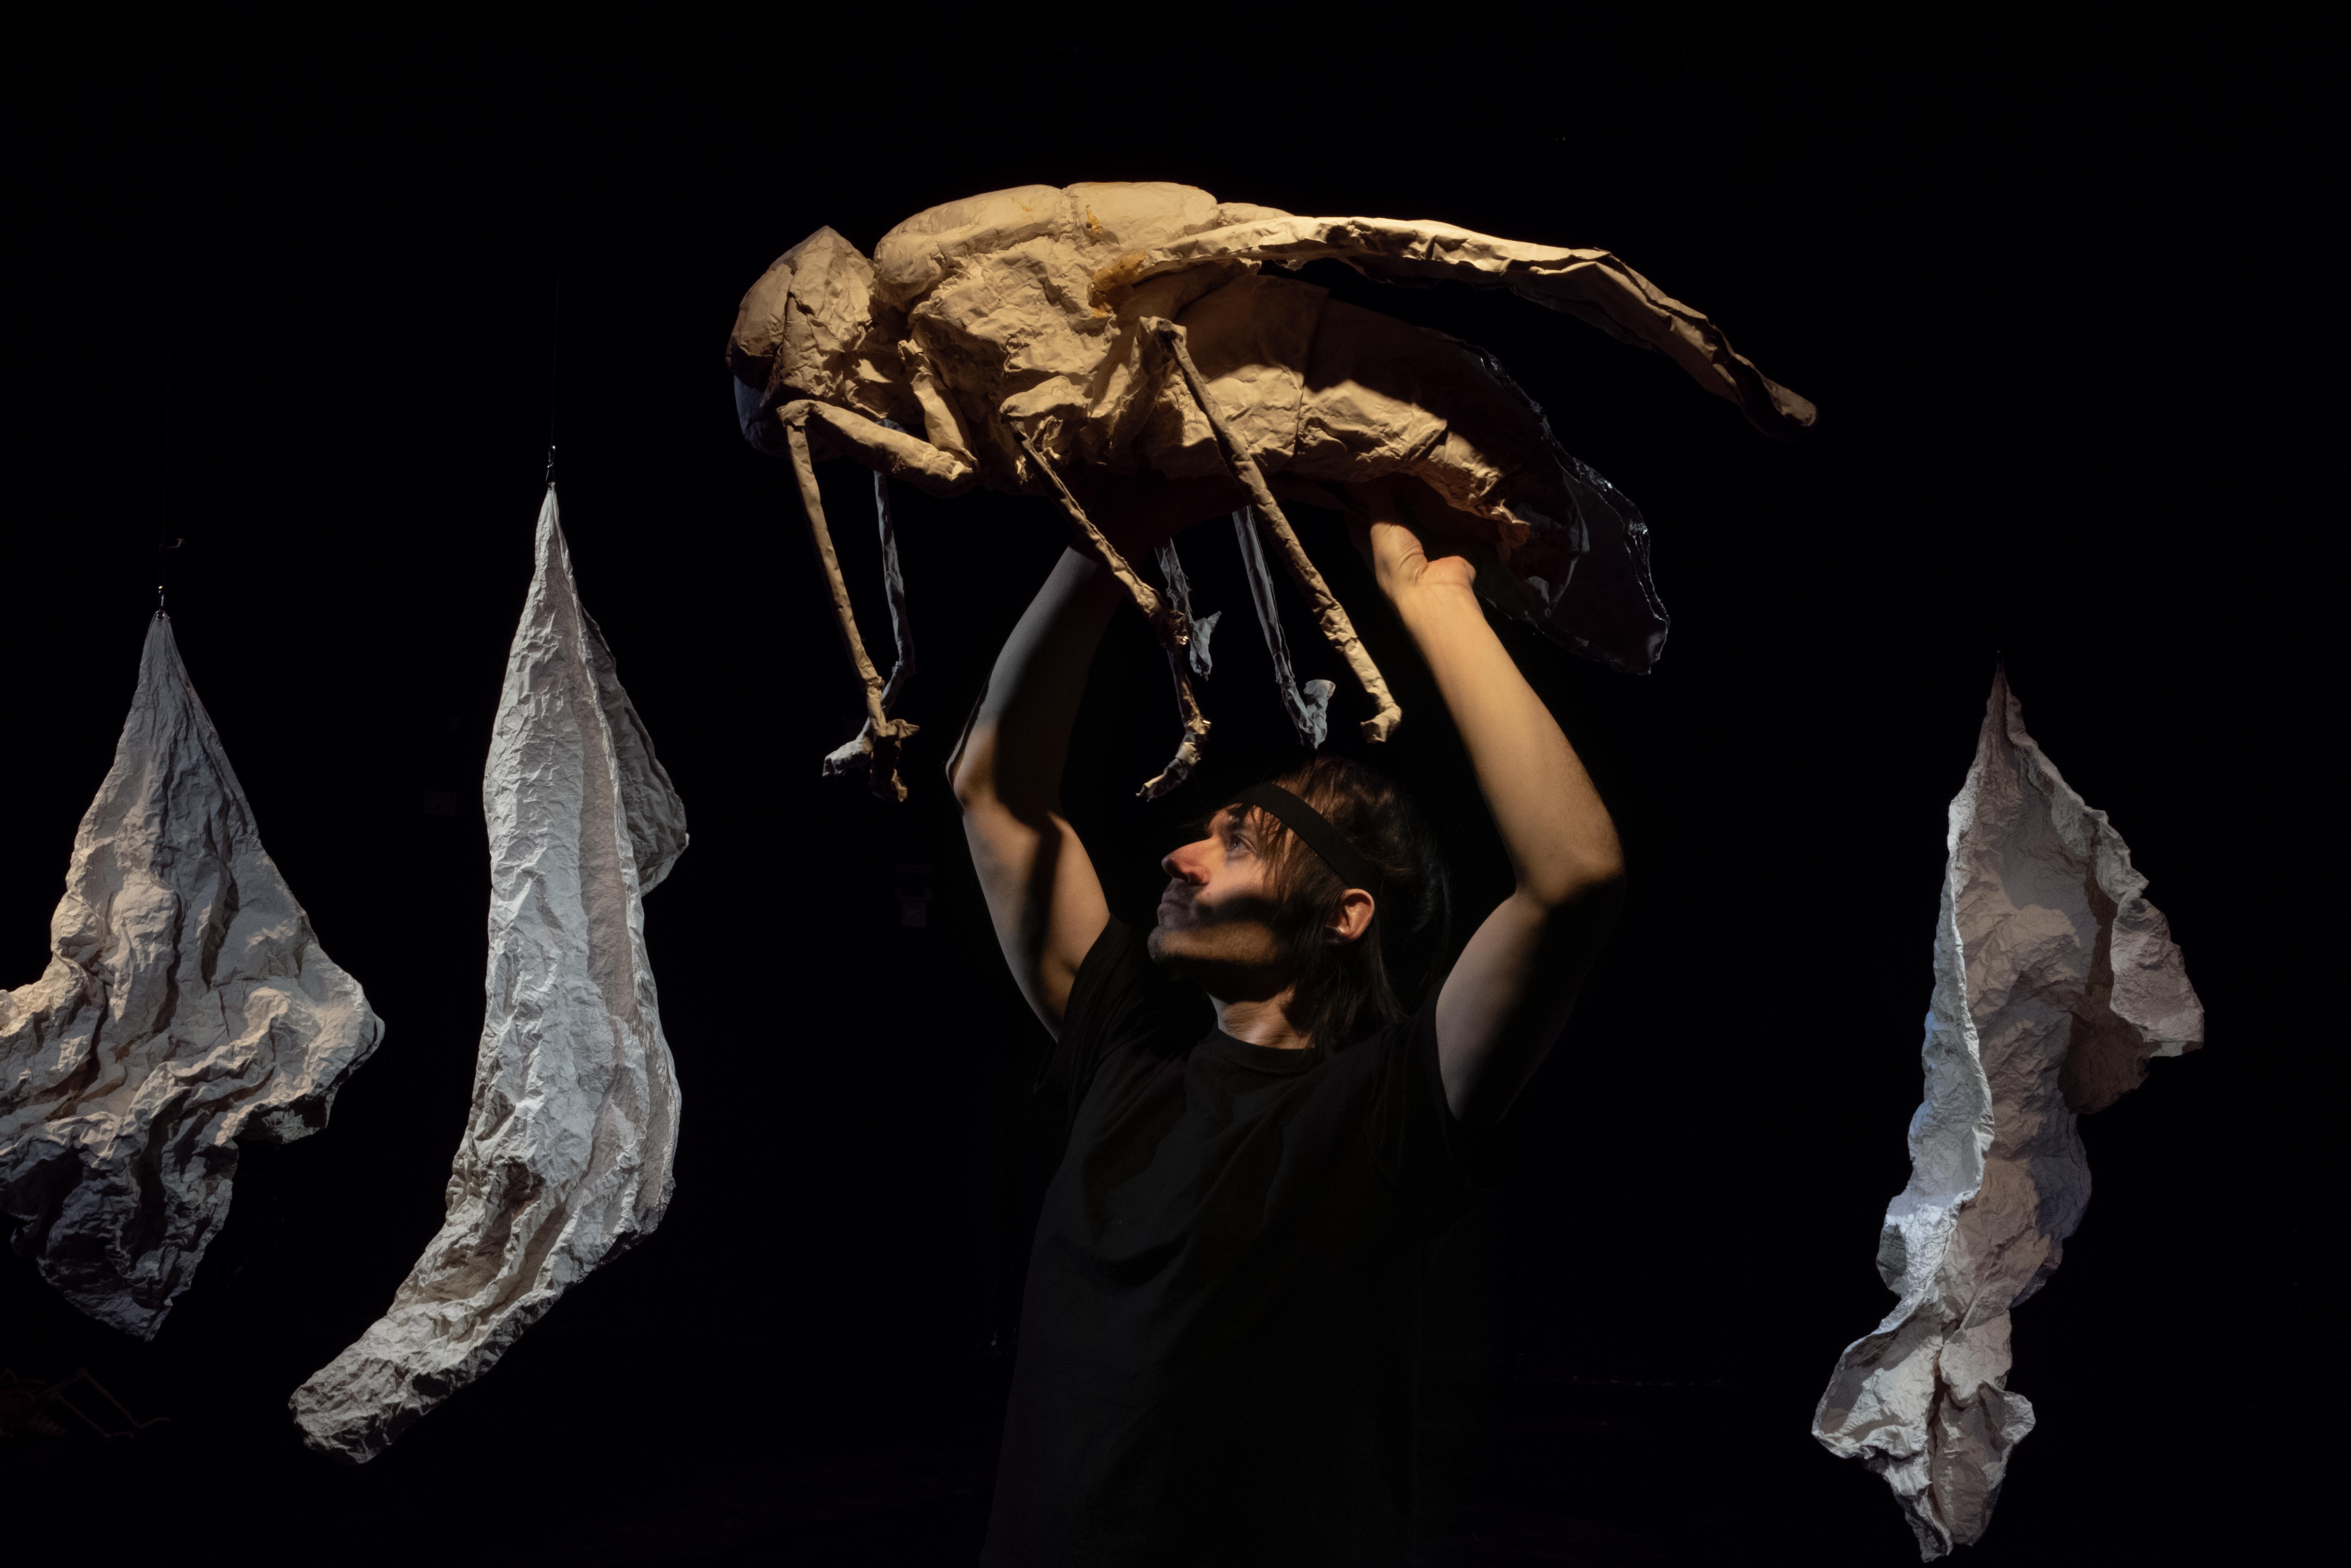 ein Spieler hält eine große Fliege über seinem Kopf - an den Seiten sieht man formbare weiße Folien hängen